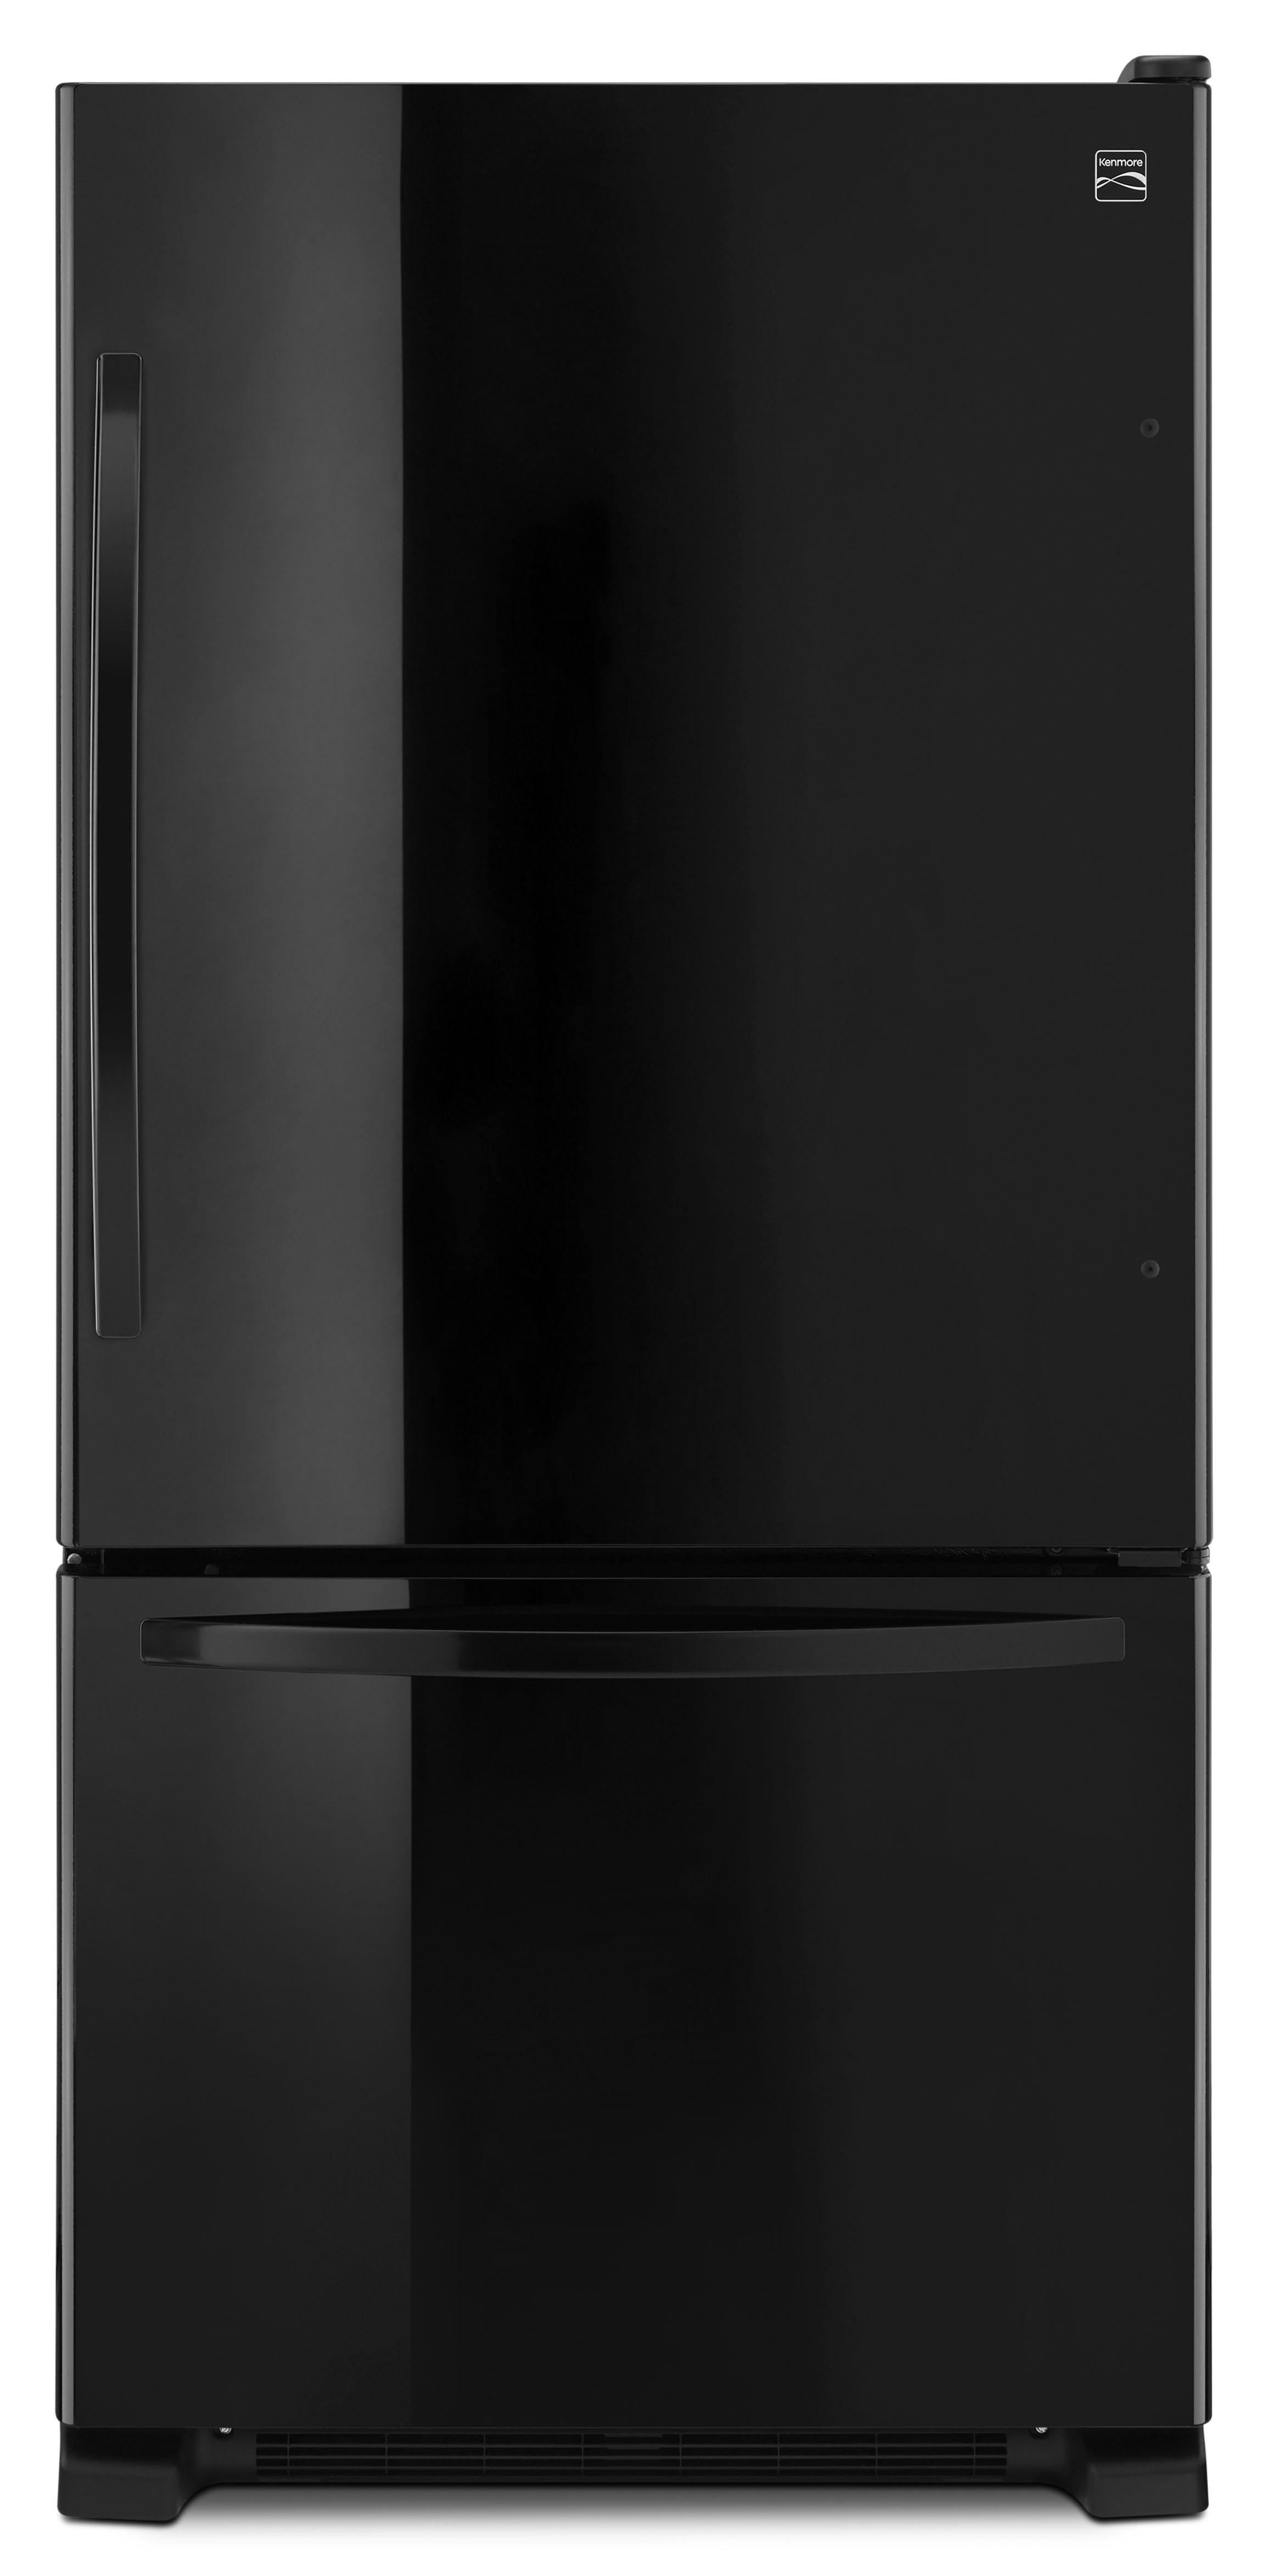 Kenmore 79349 22 Cu Ft Bottom Freezer Refrigerator Black Bottom Freezer Refrigerator Bottom Freezer Refrigerator